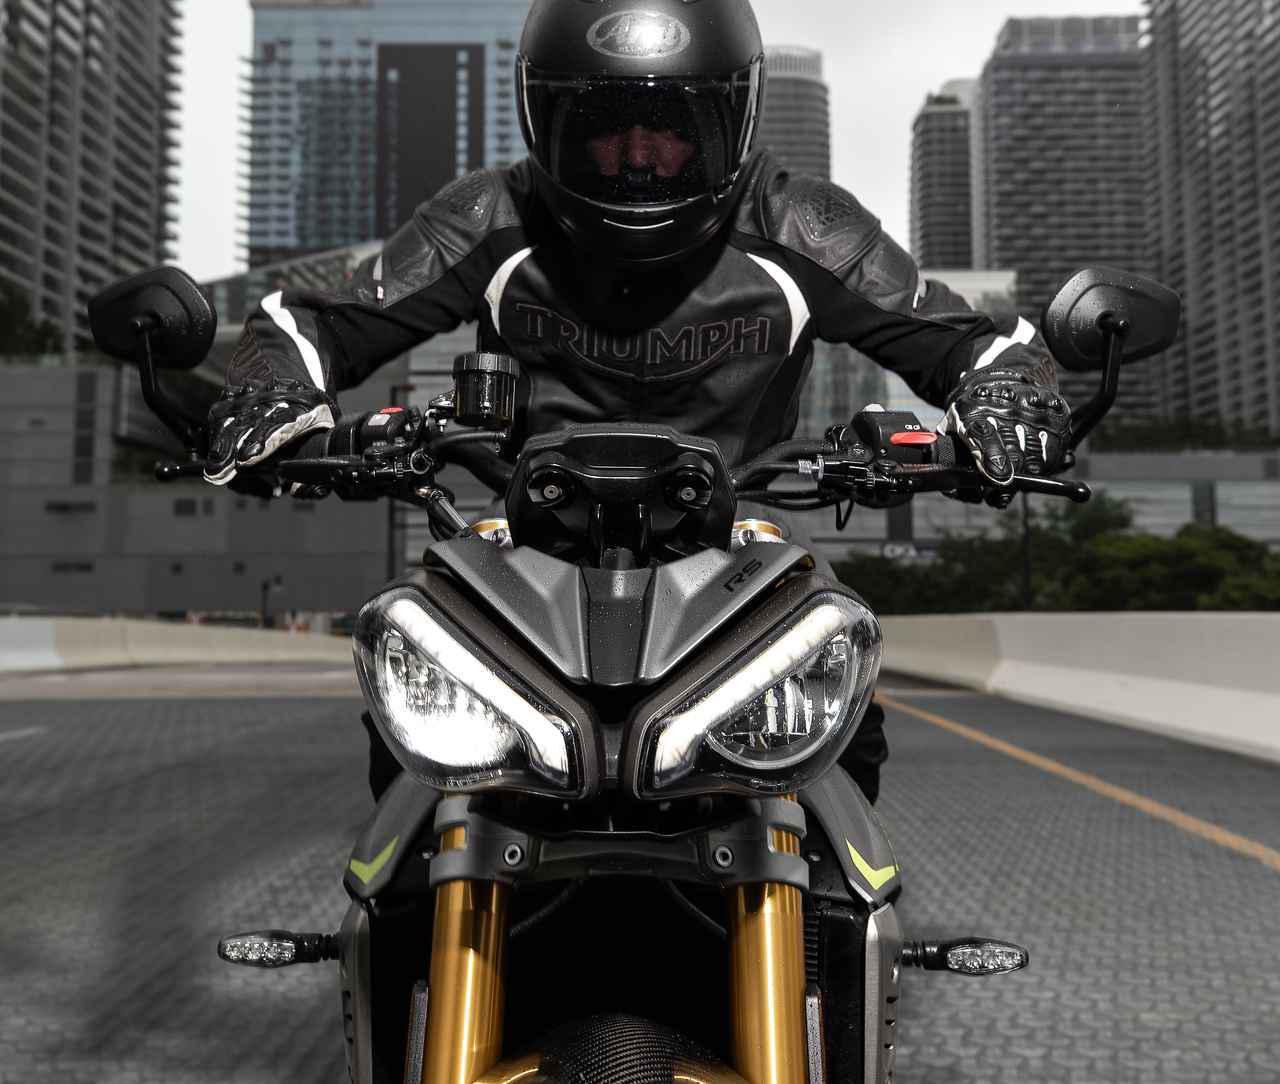 画像: トライアンフ「スピードトリプル1200RS」とは? - webオートバイ